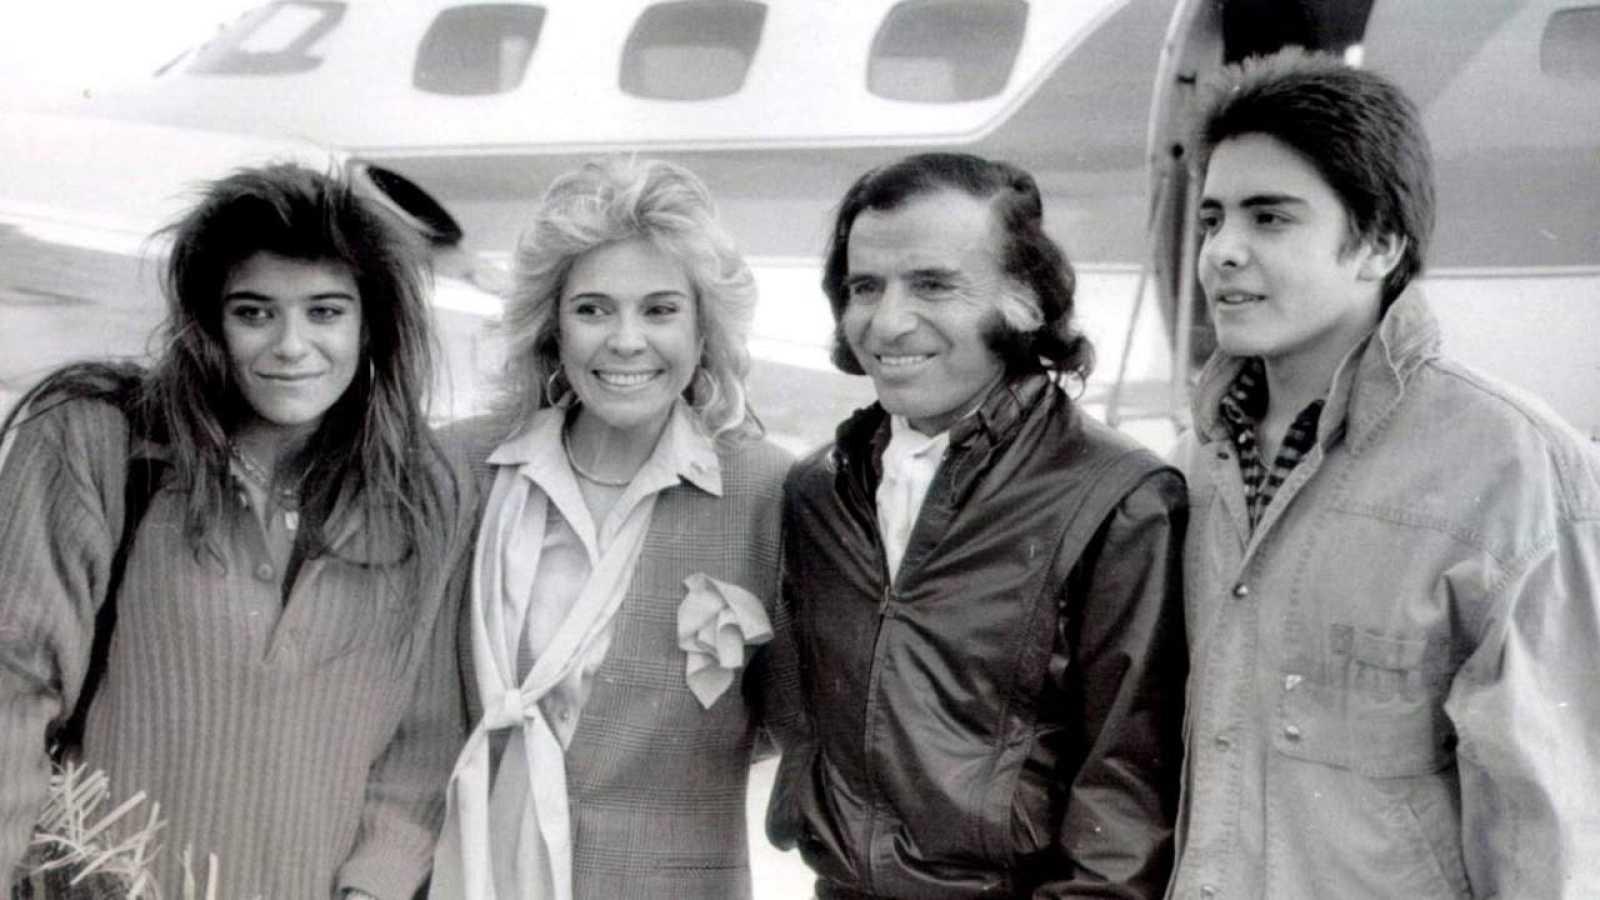 El expresidente Carlos Menem junto a su esposa Zulema, su hija Zulemita y su hijos Carlos Jr.